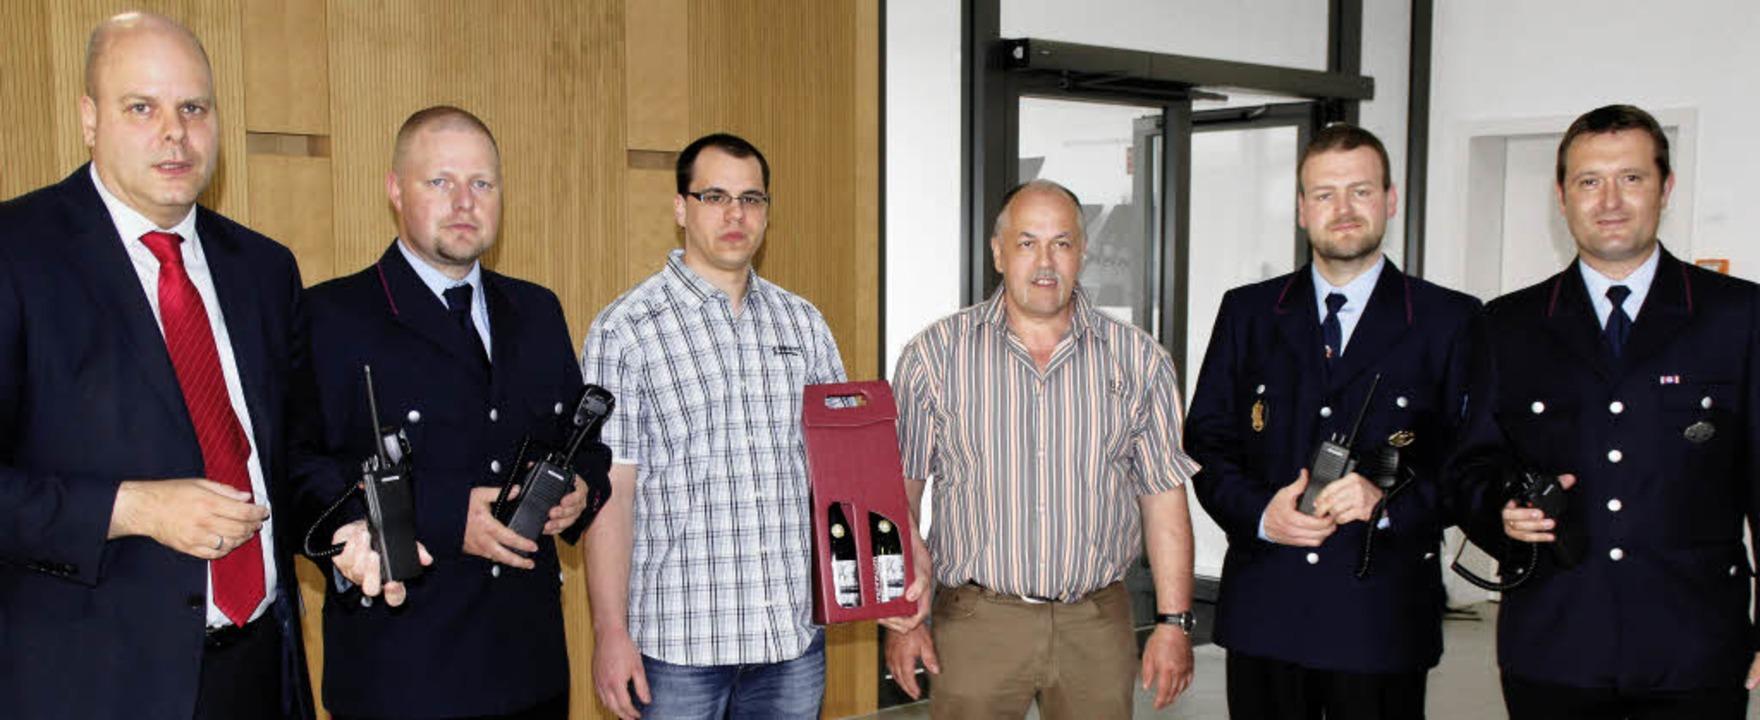 Spende für die Feuerwehr: Die Firma Br...am Mittwoch Pierre und Peter Brüderle.  | Foto: Ilona Hüge